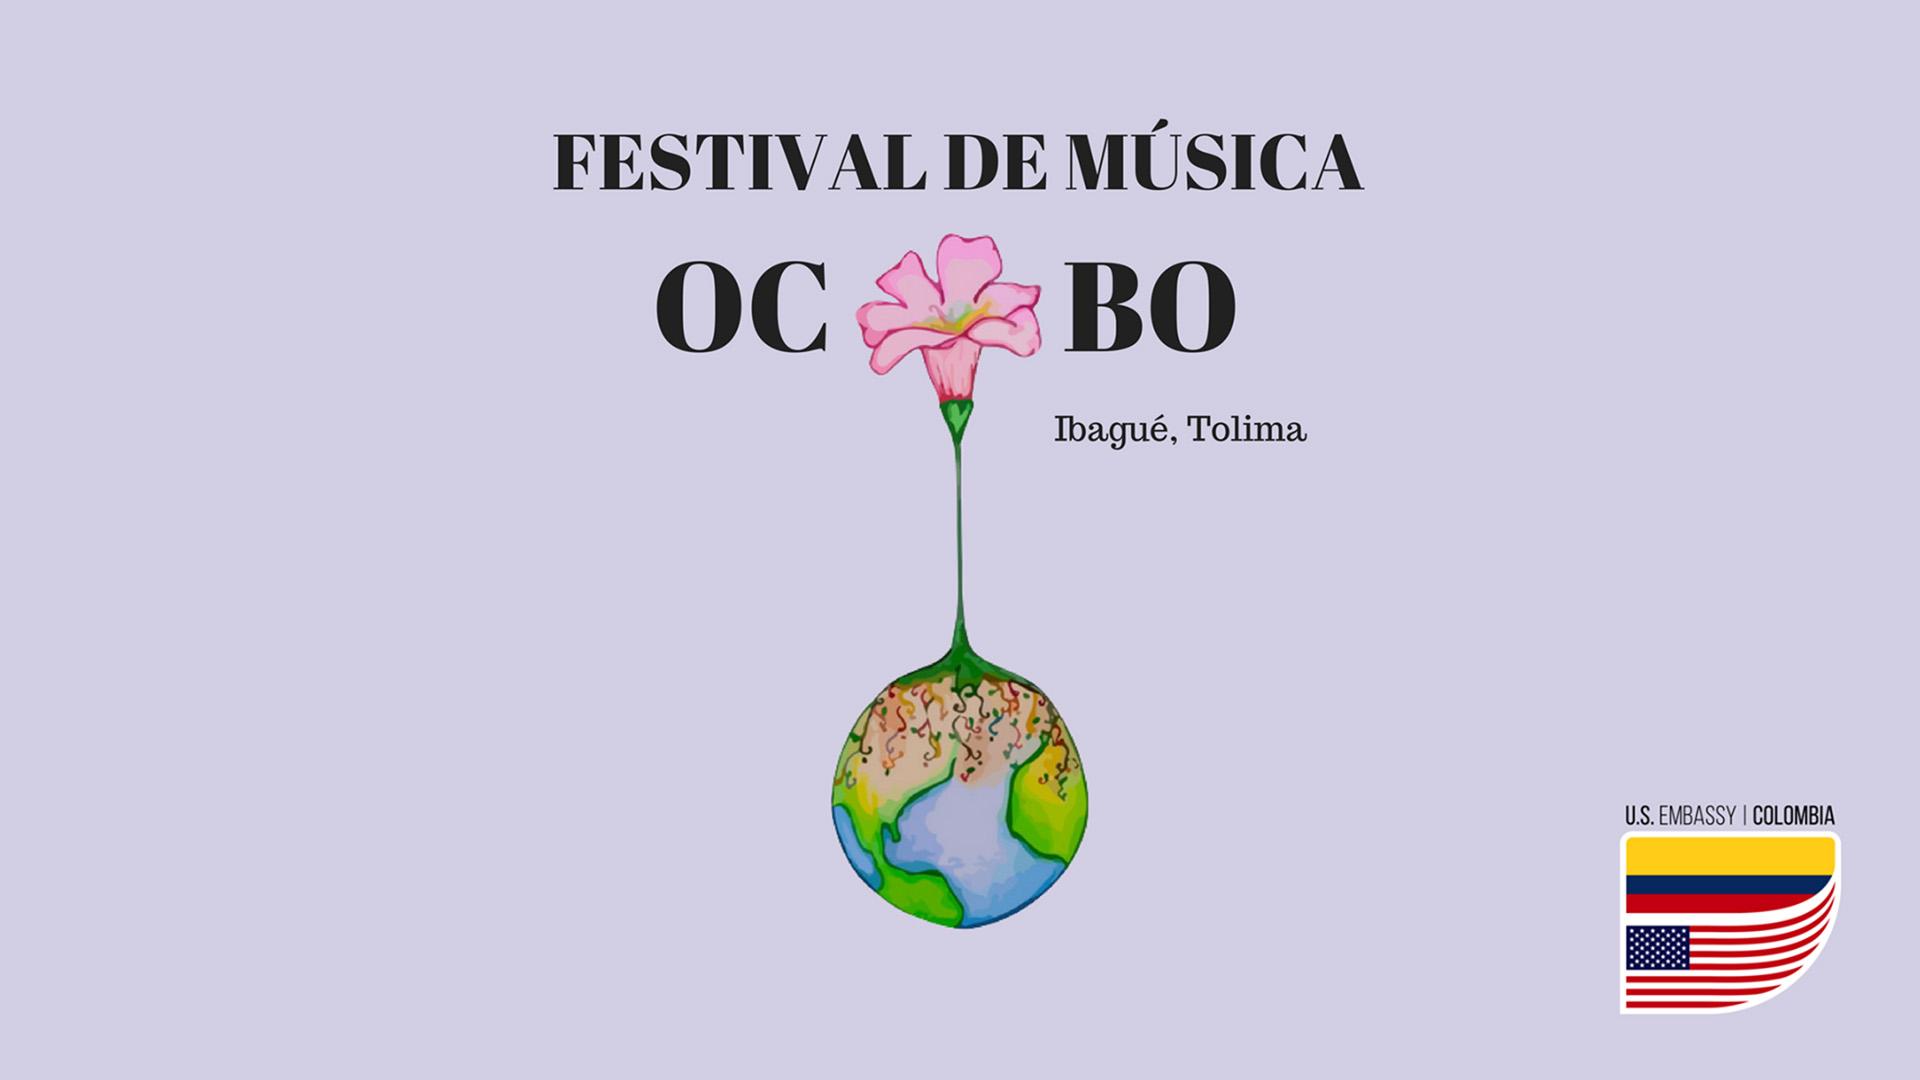 Musica Ocobo